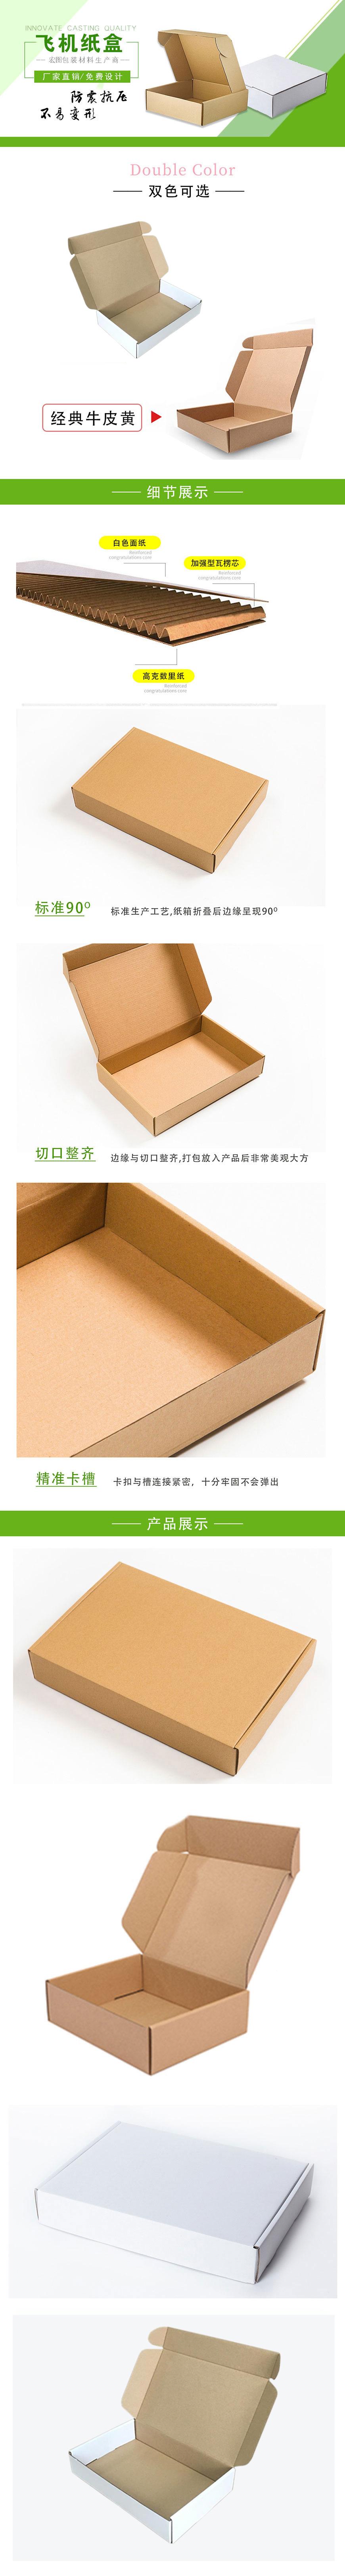 纸盒/飞机盒